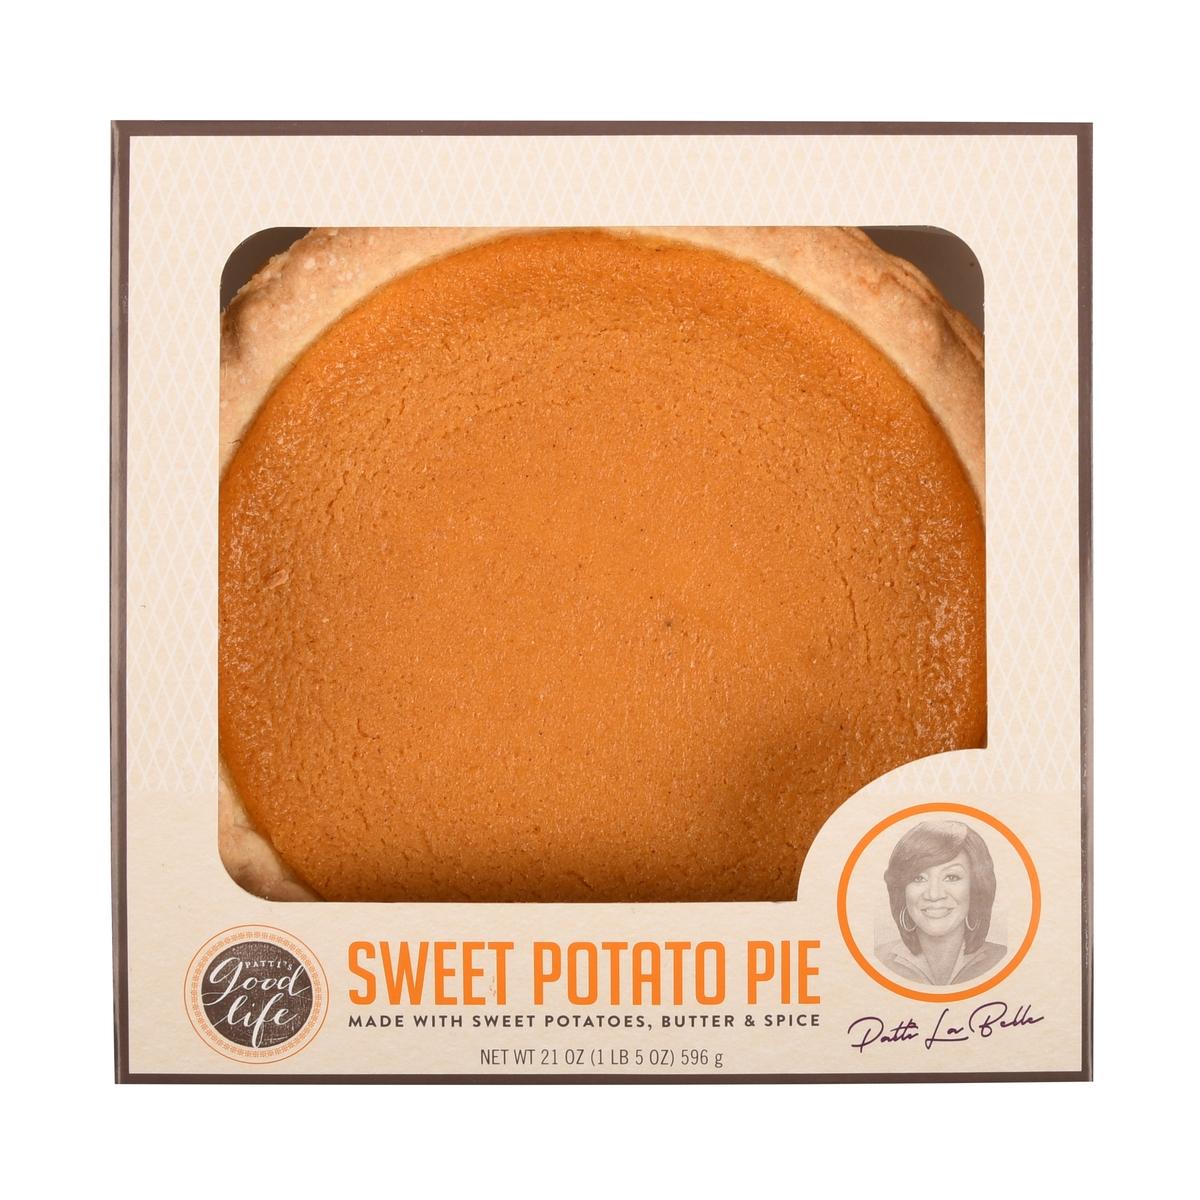 Patti's Good Life Sweet Potato Pie